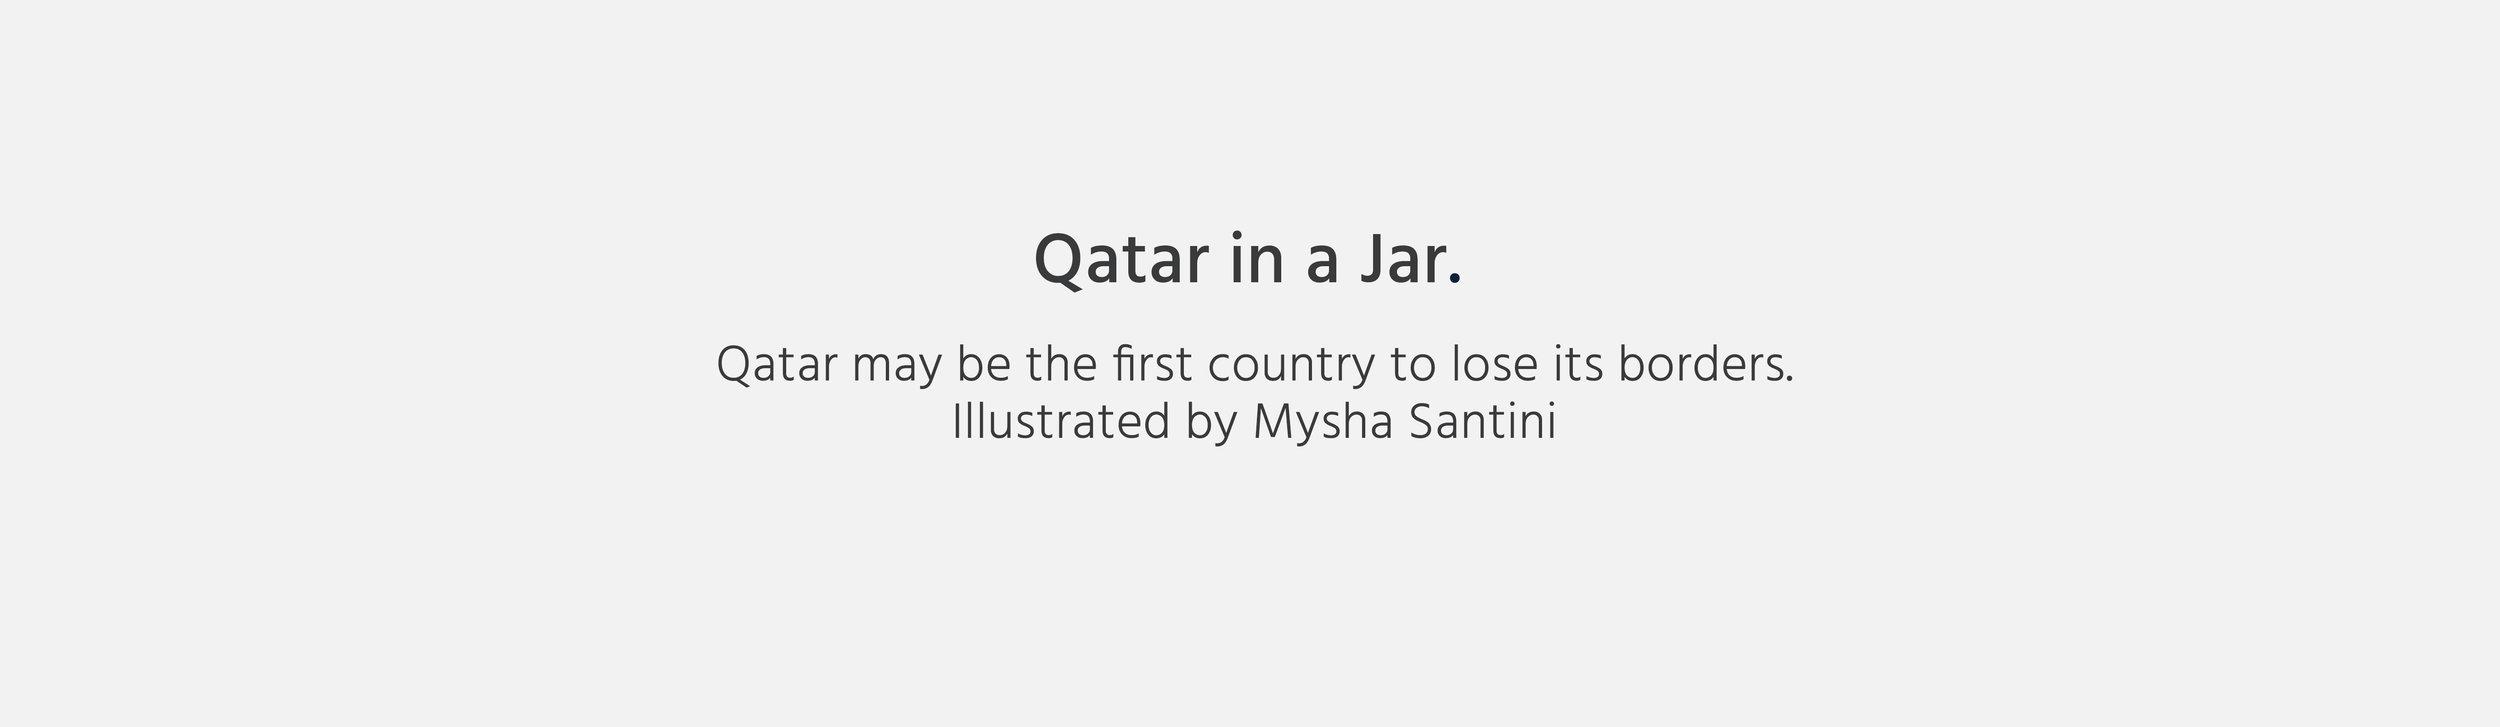 00_Title_Qatar.jpg